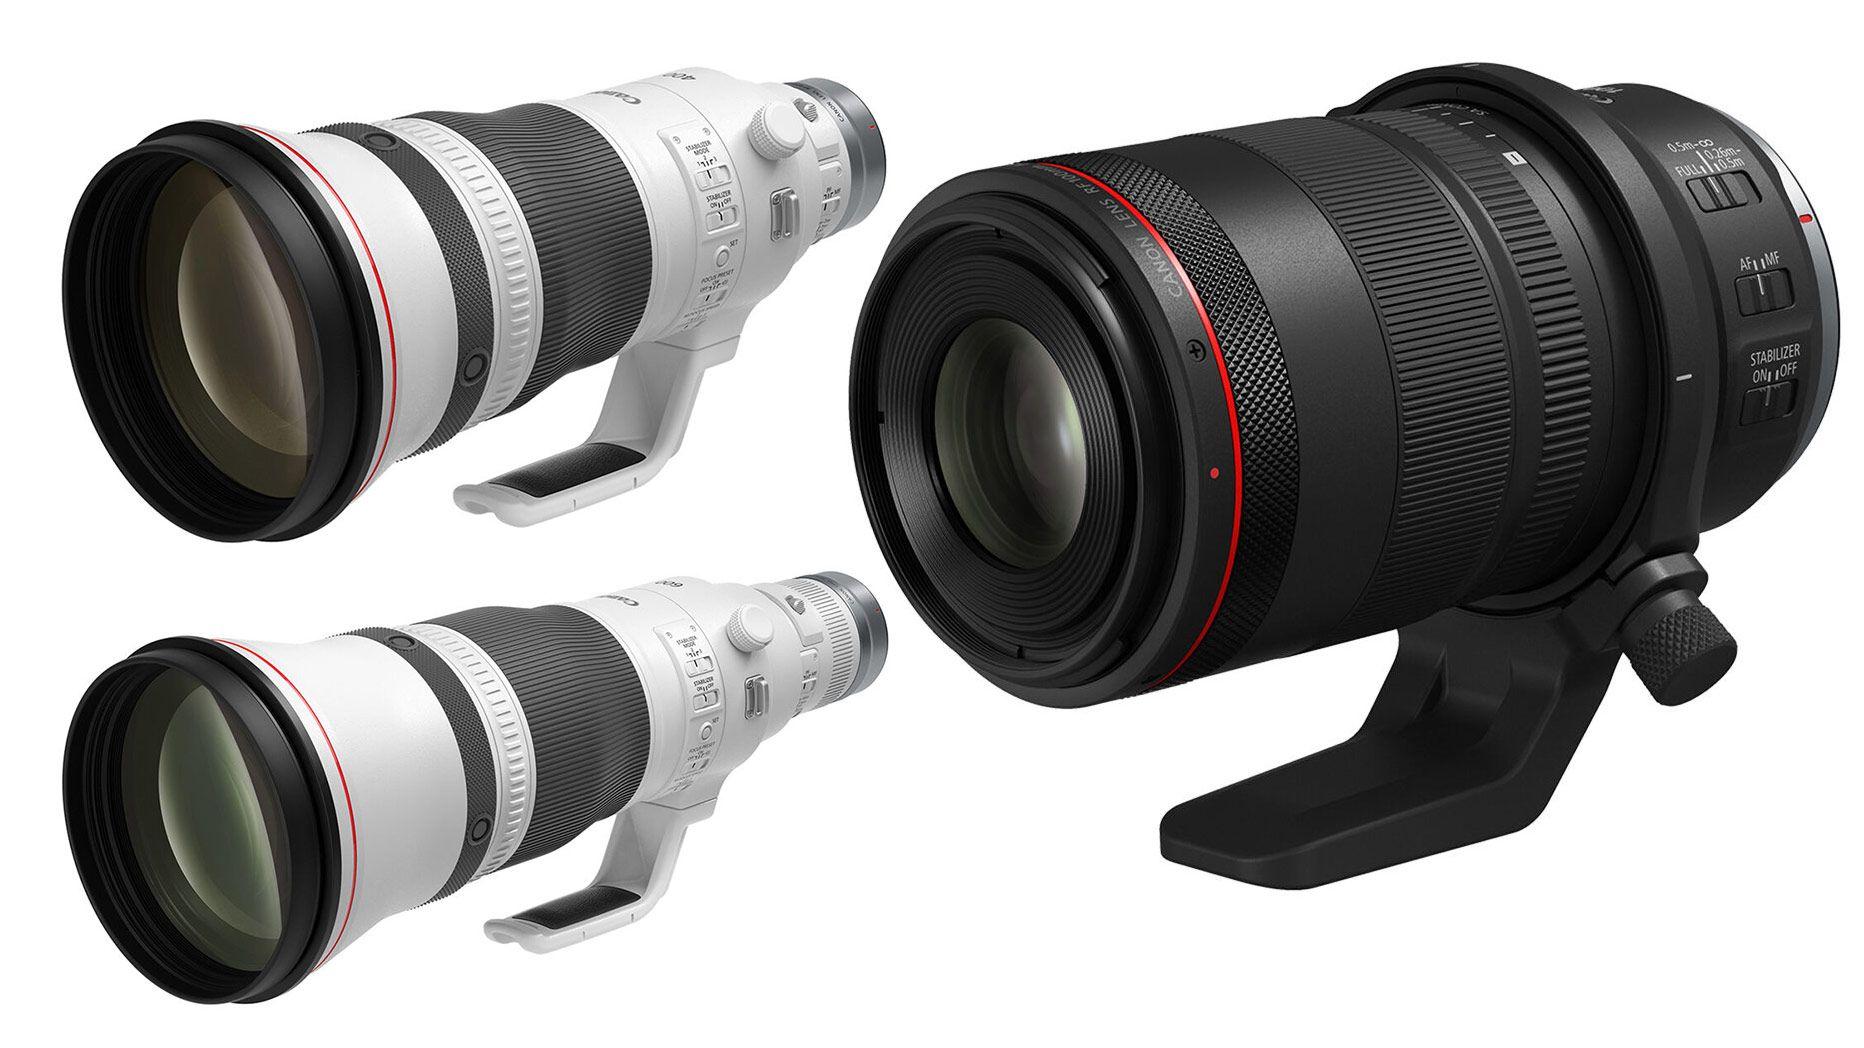 Три объектива Canon: RF 100mm Macro, RF 400mm, RF 600mm